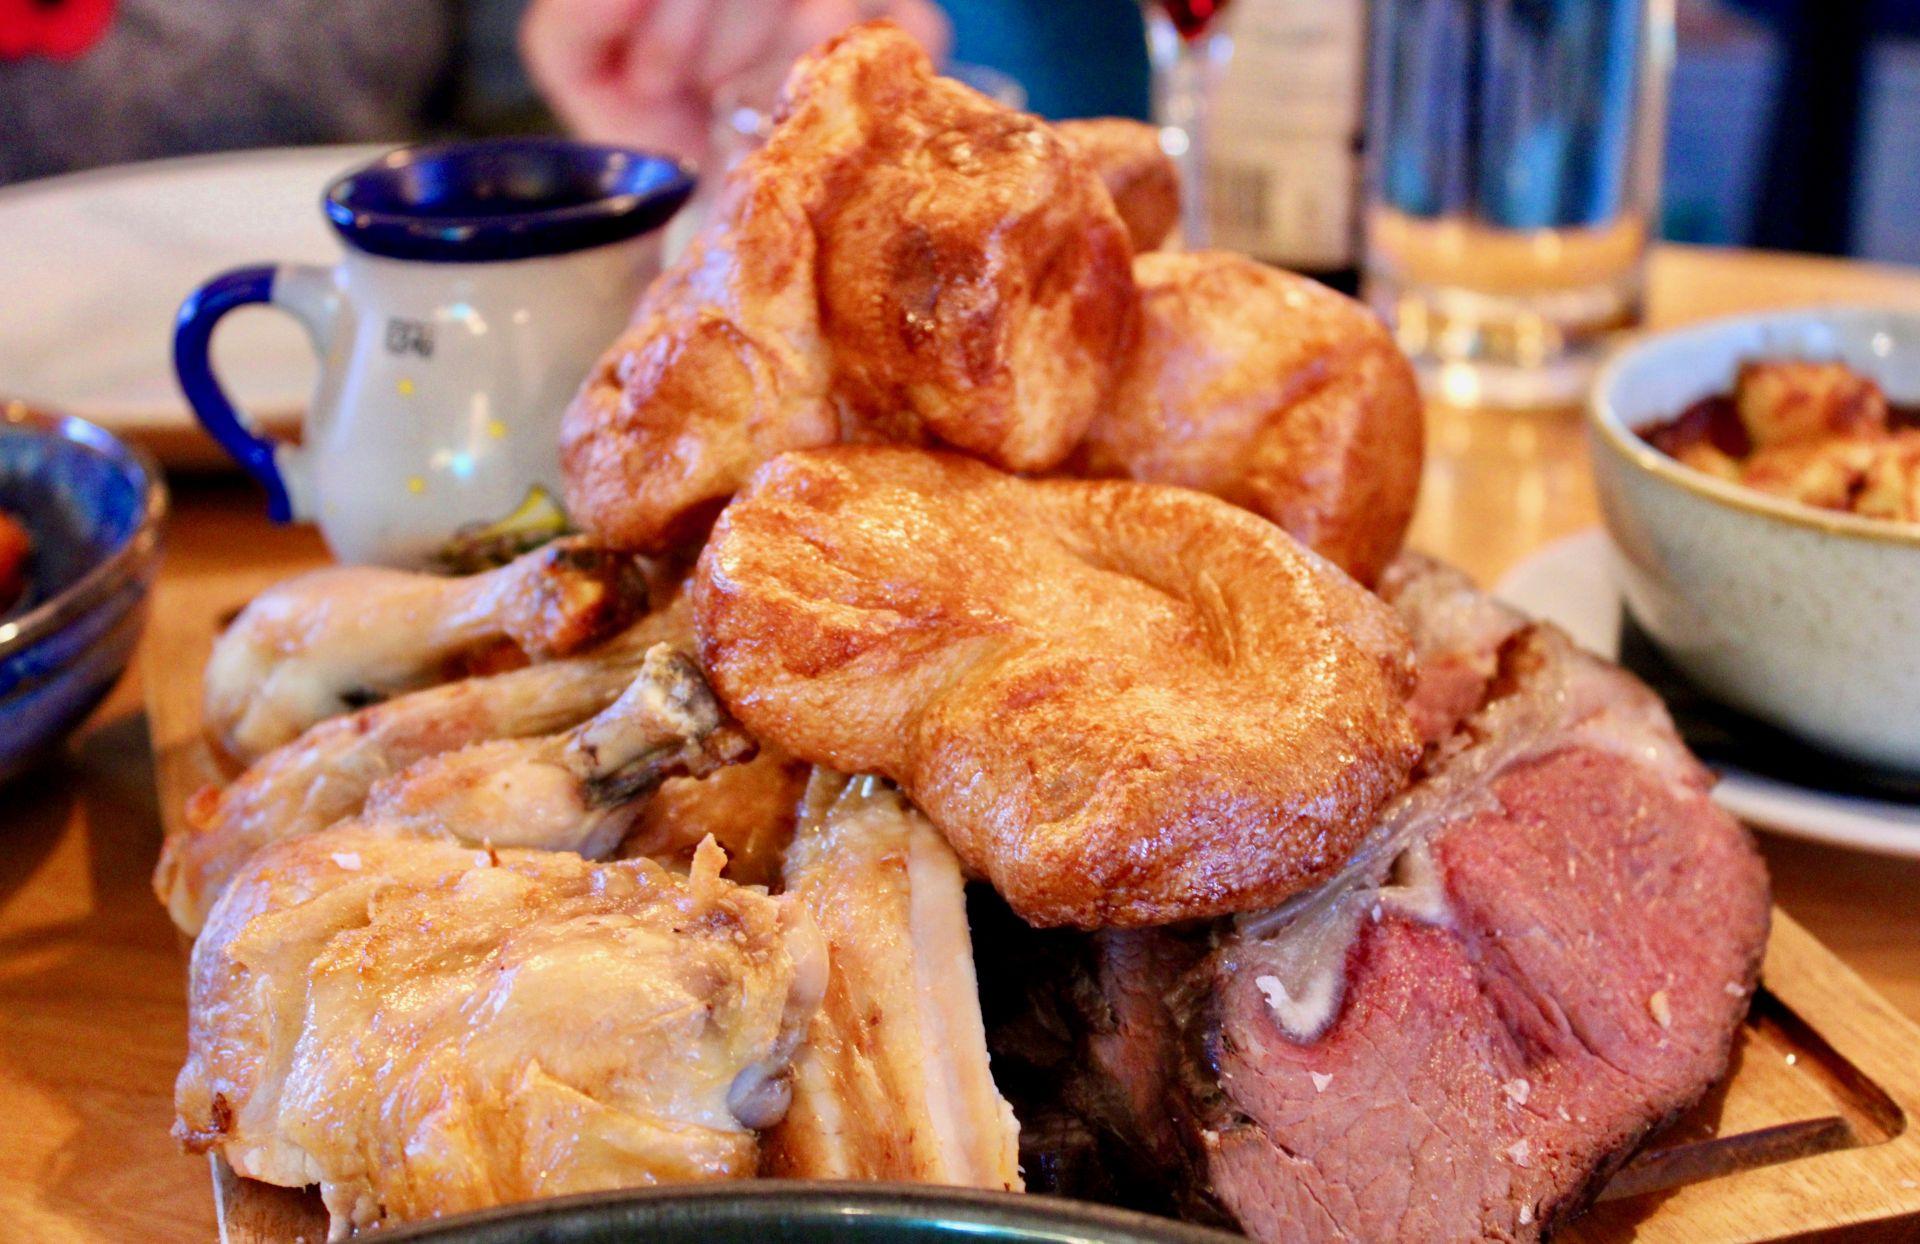 The Best Restaurants in Leeds City Centre